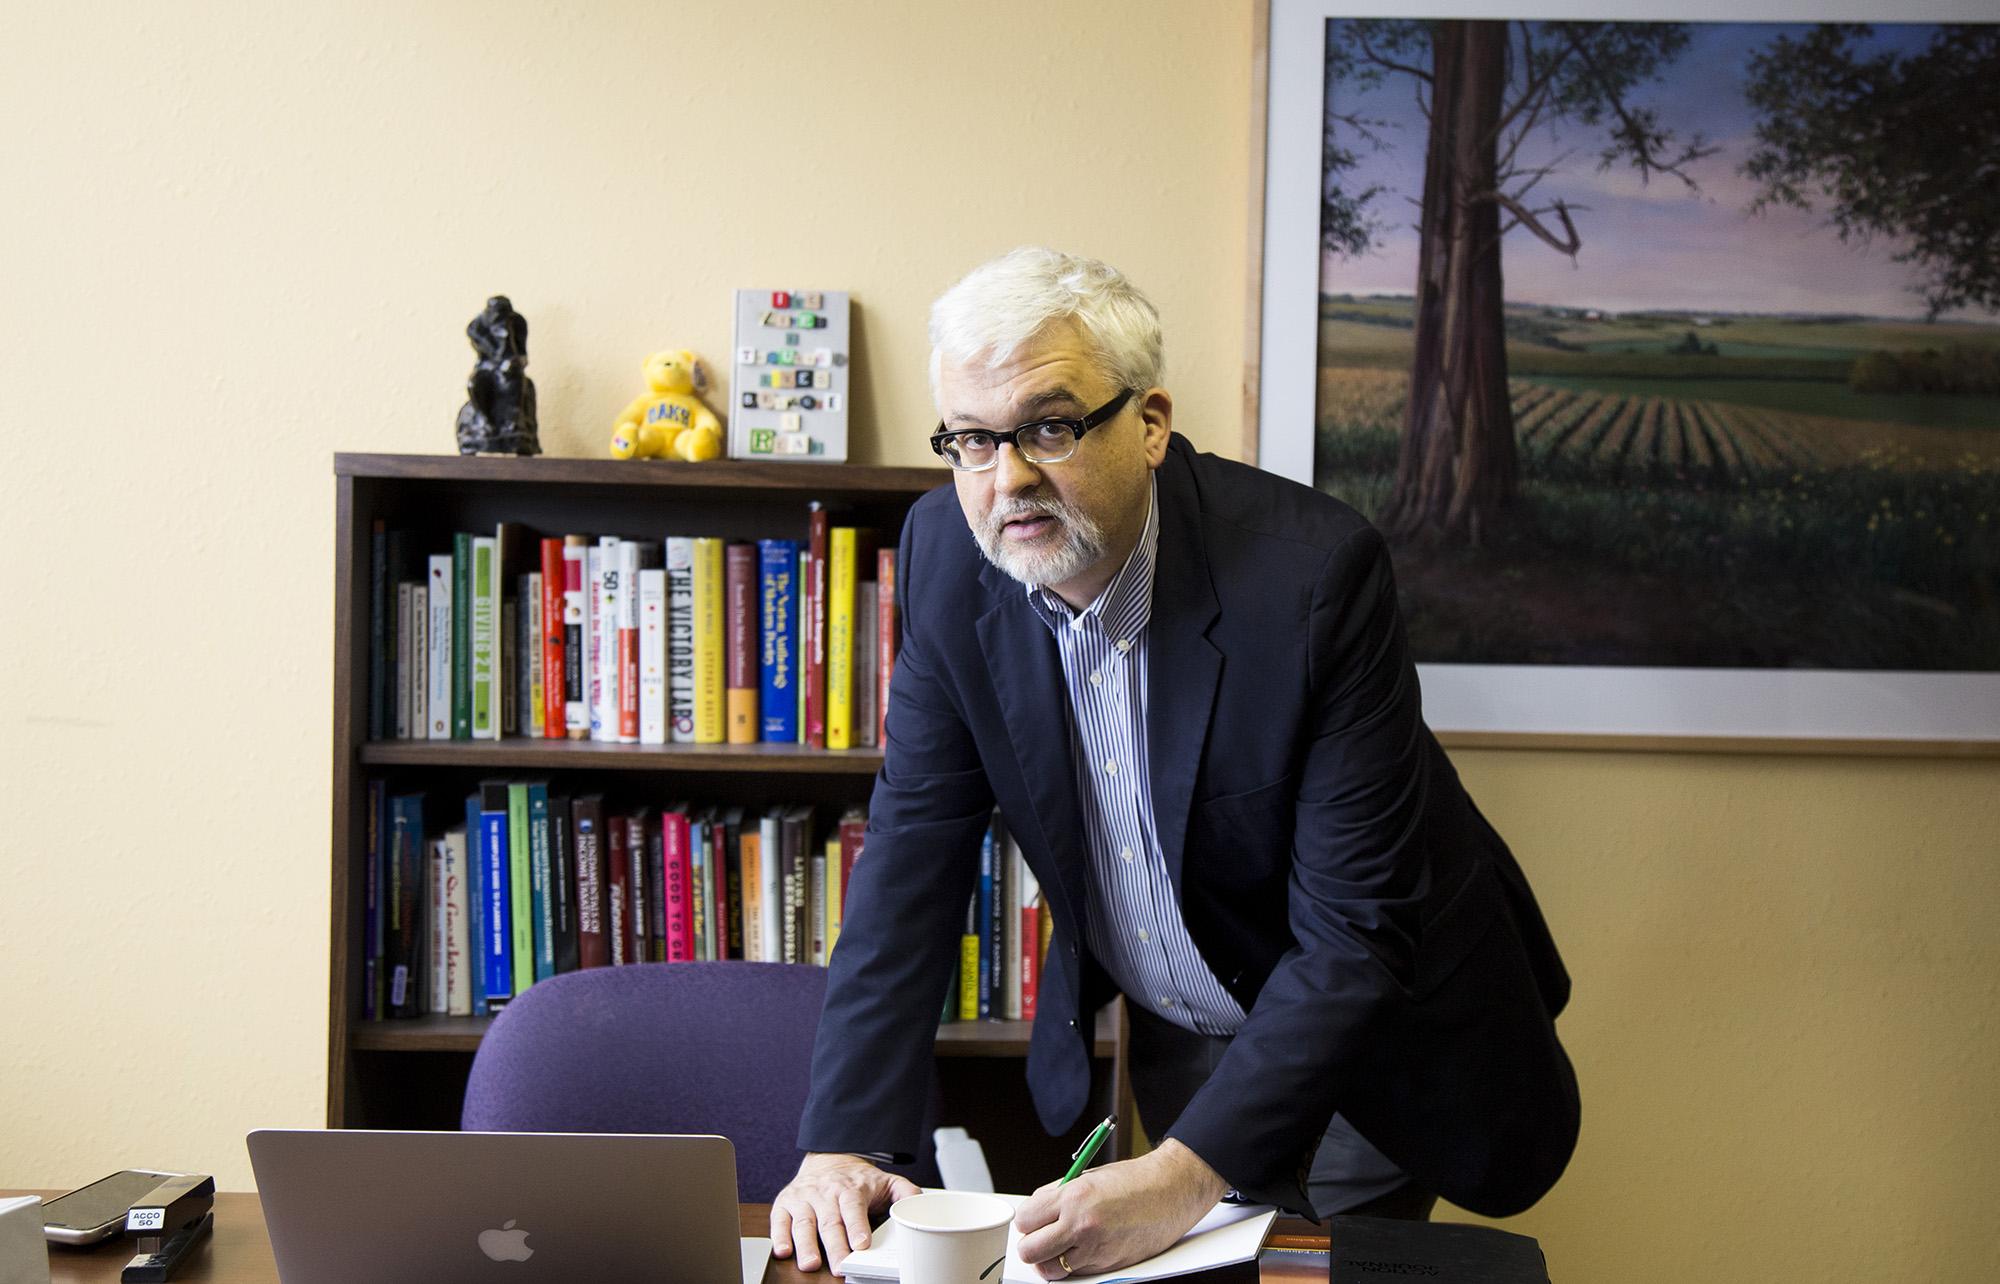 Gordon Fischer at desk